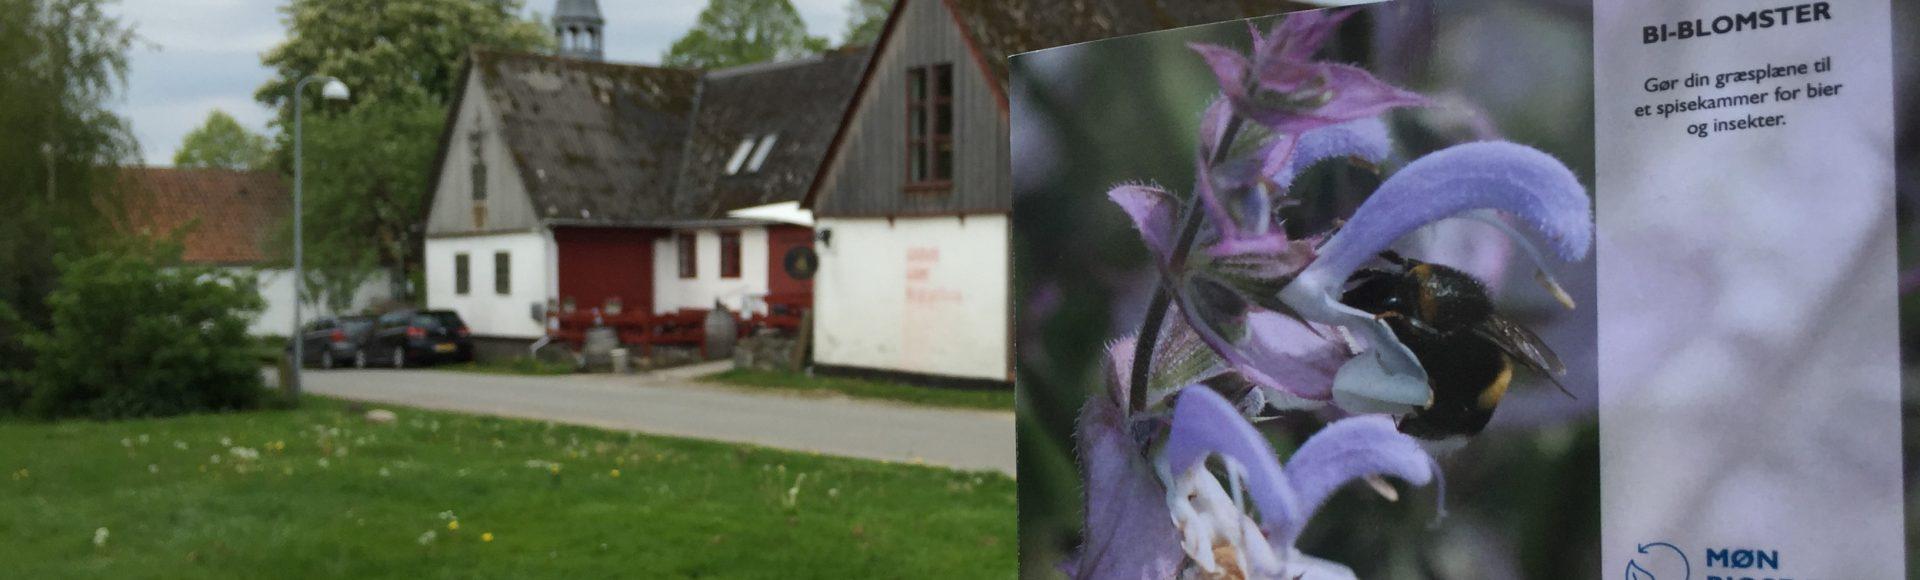 Gratis bi-blomster til Noorboernes haver!